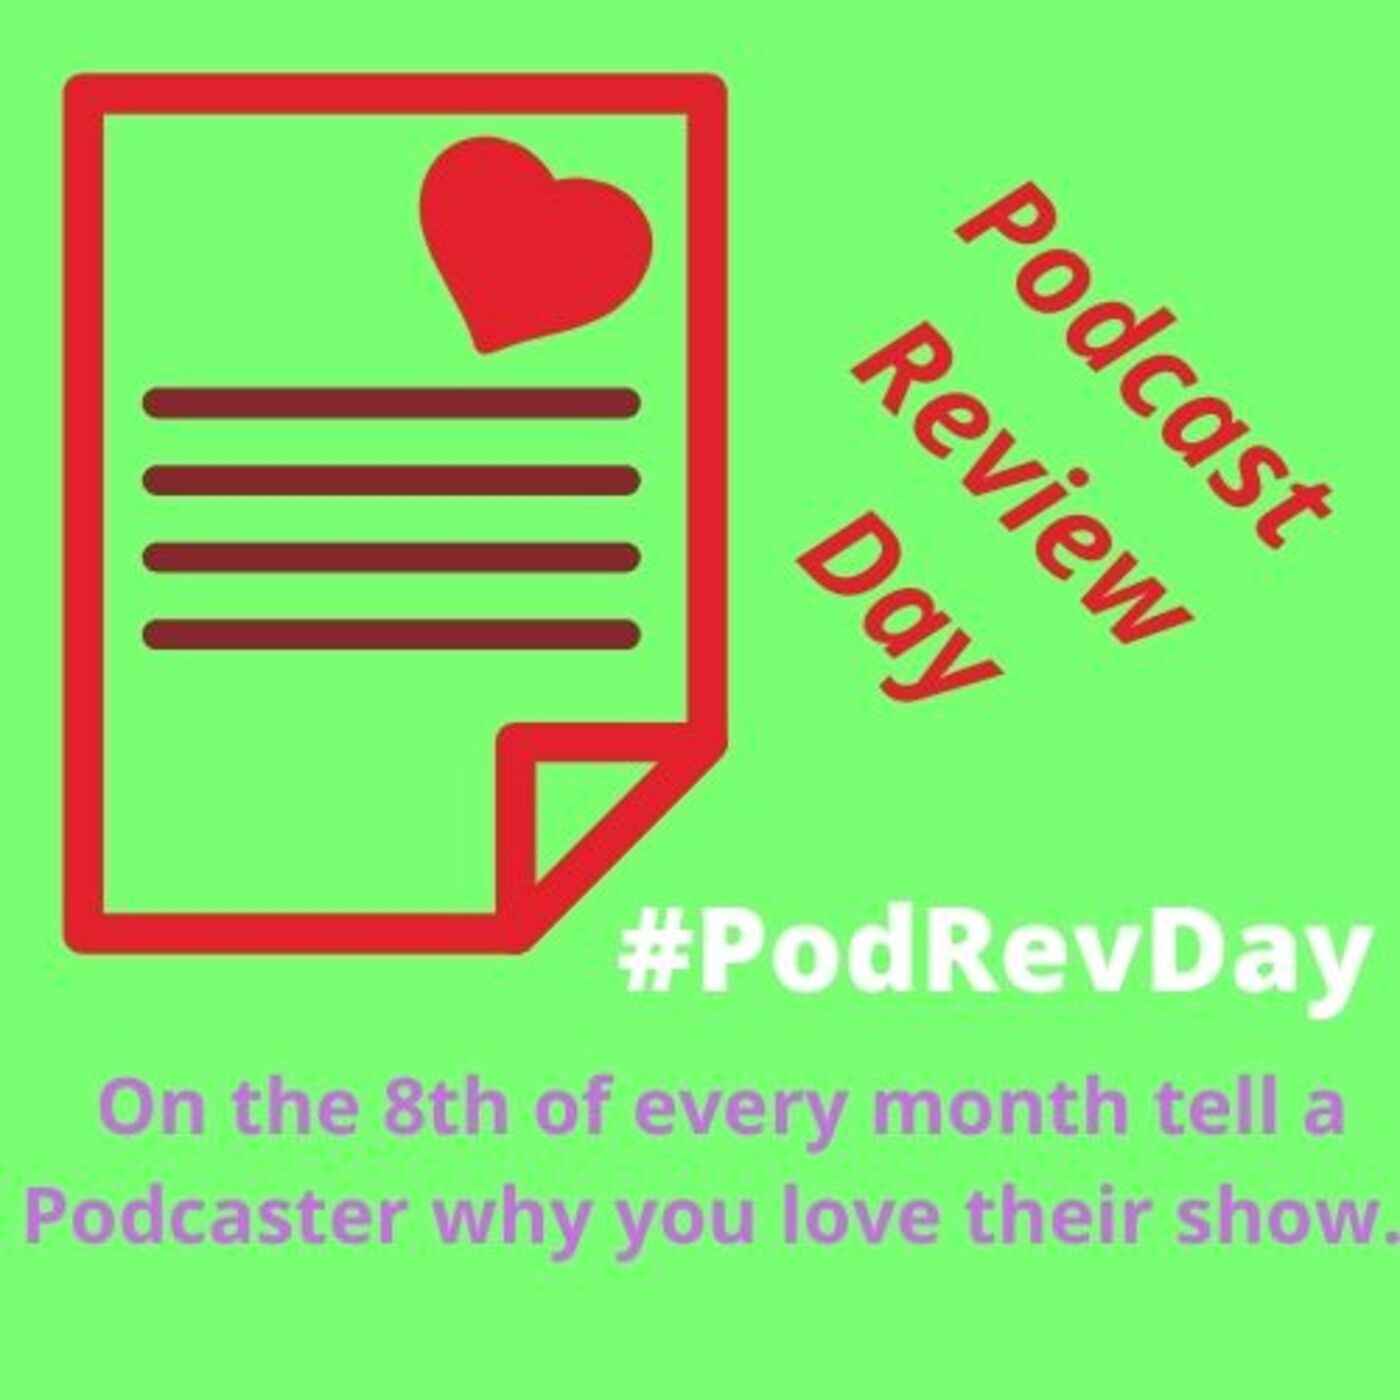 Show artwork for Podcast Review Day, PodRevDay